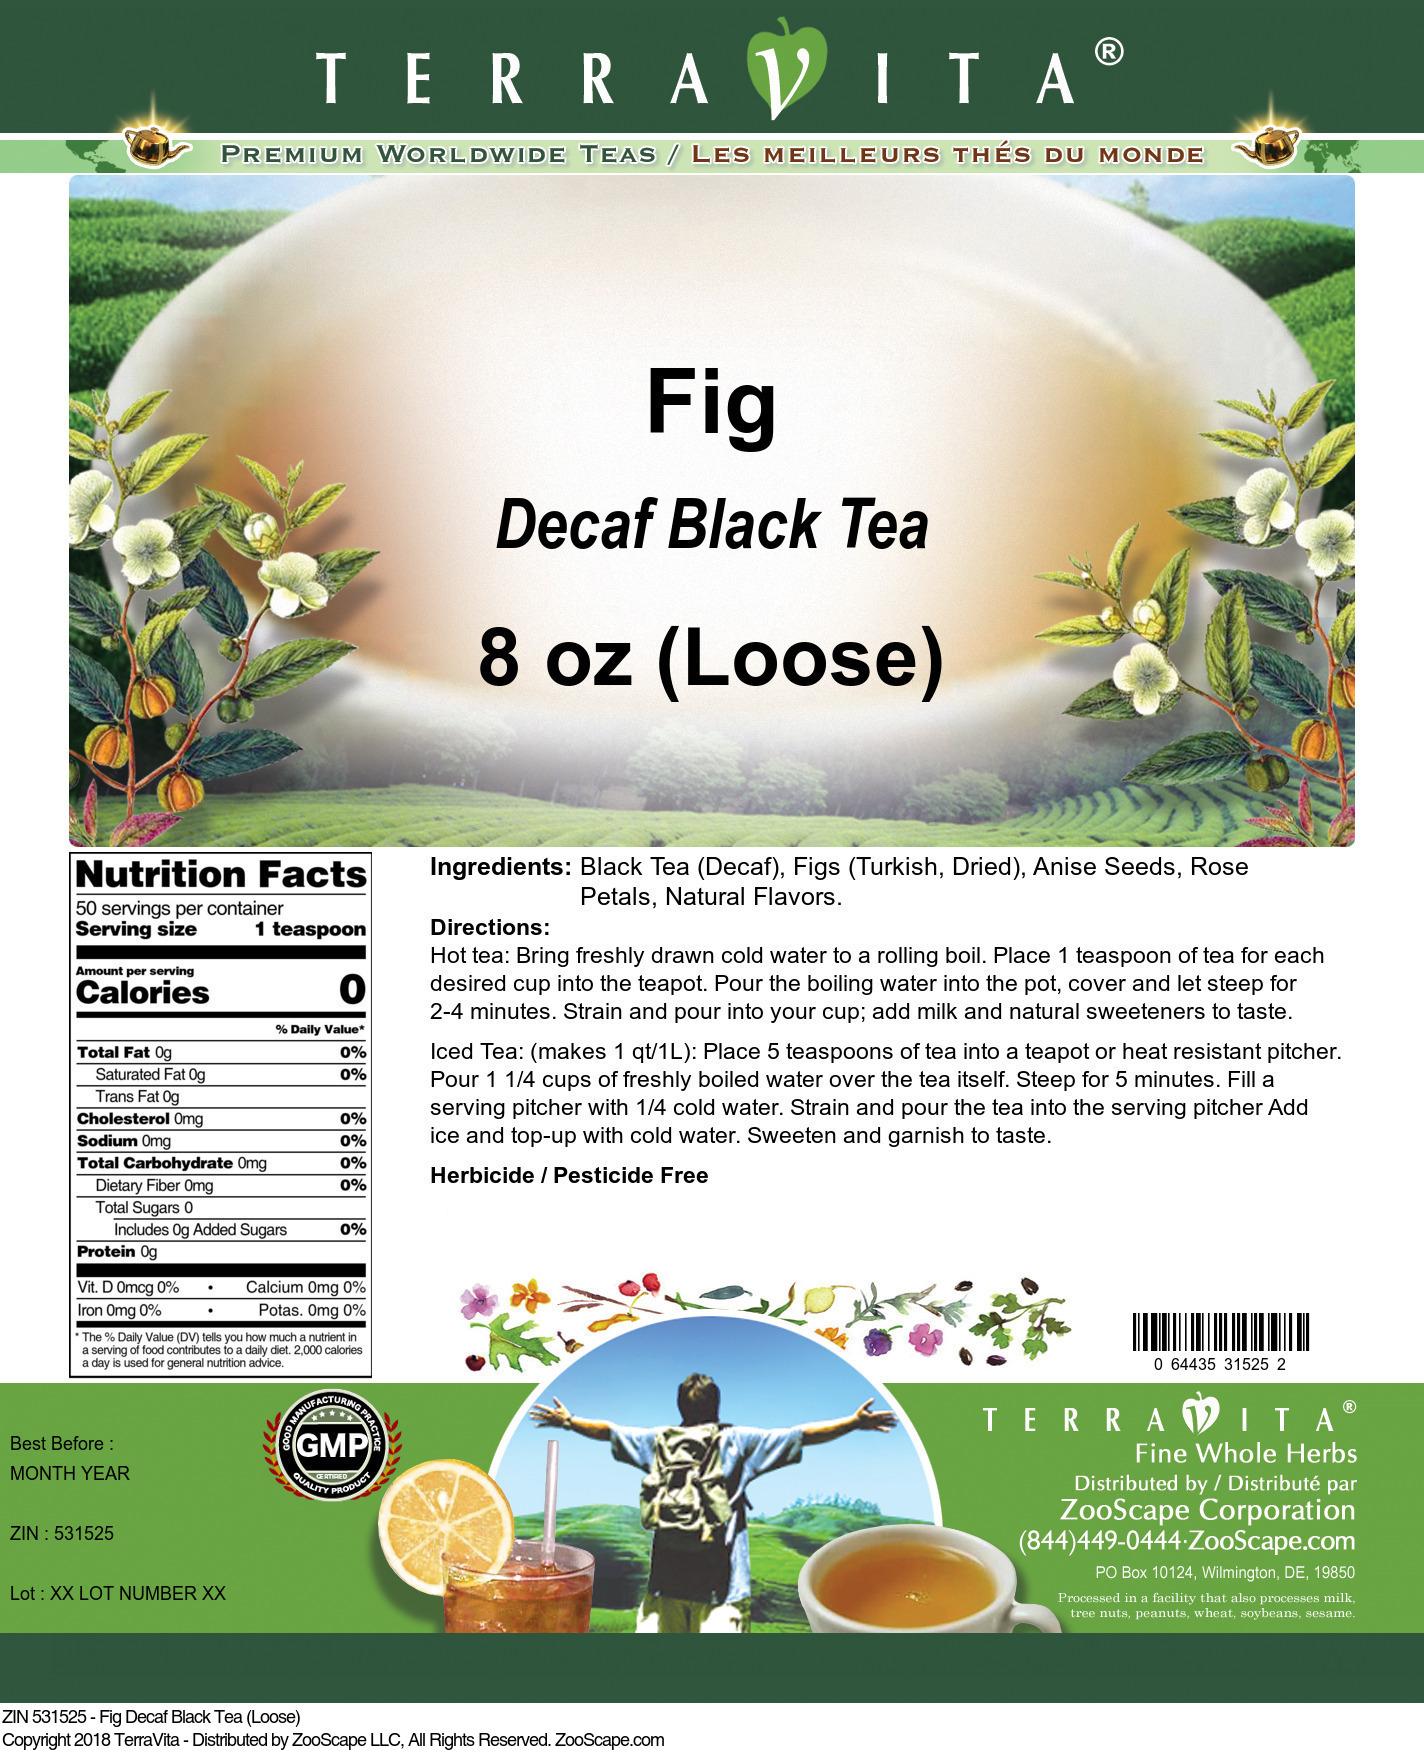 Fig Decaf Black Tea (Loose)